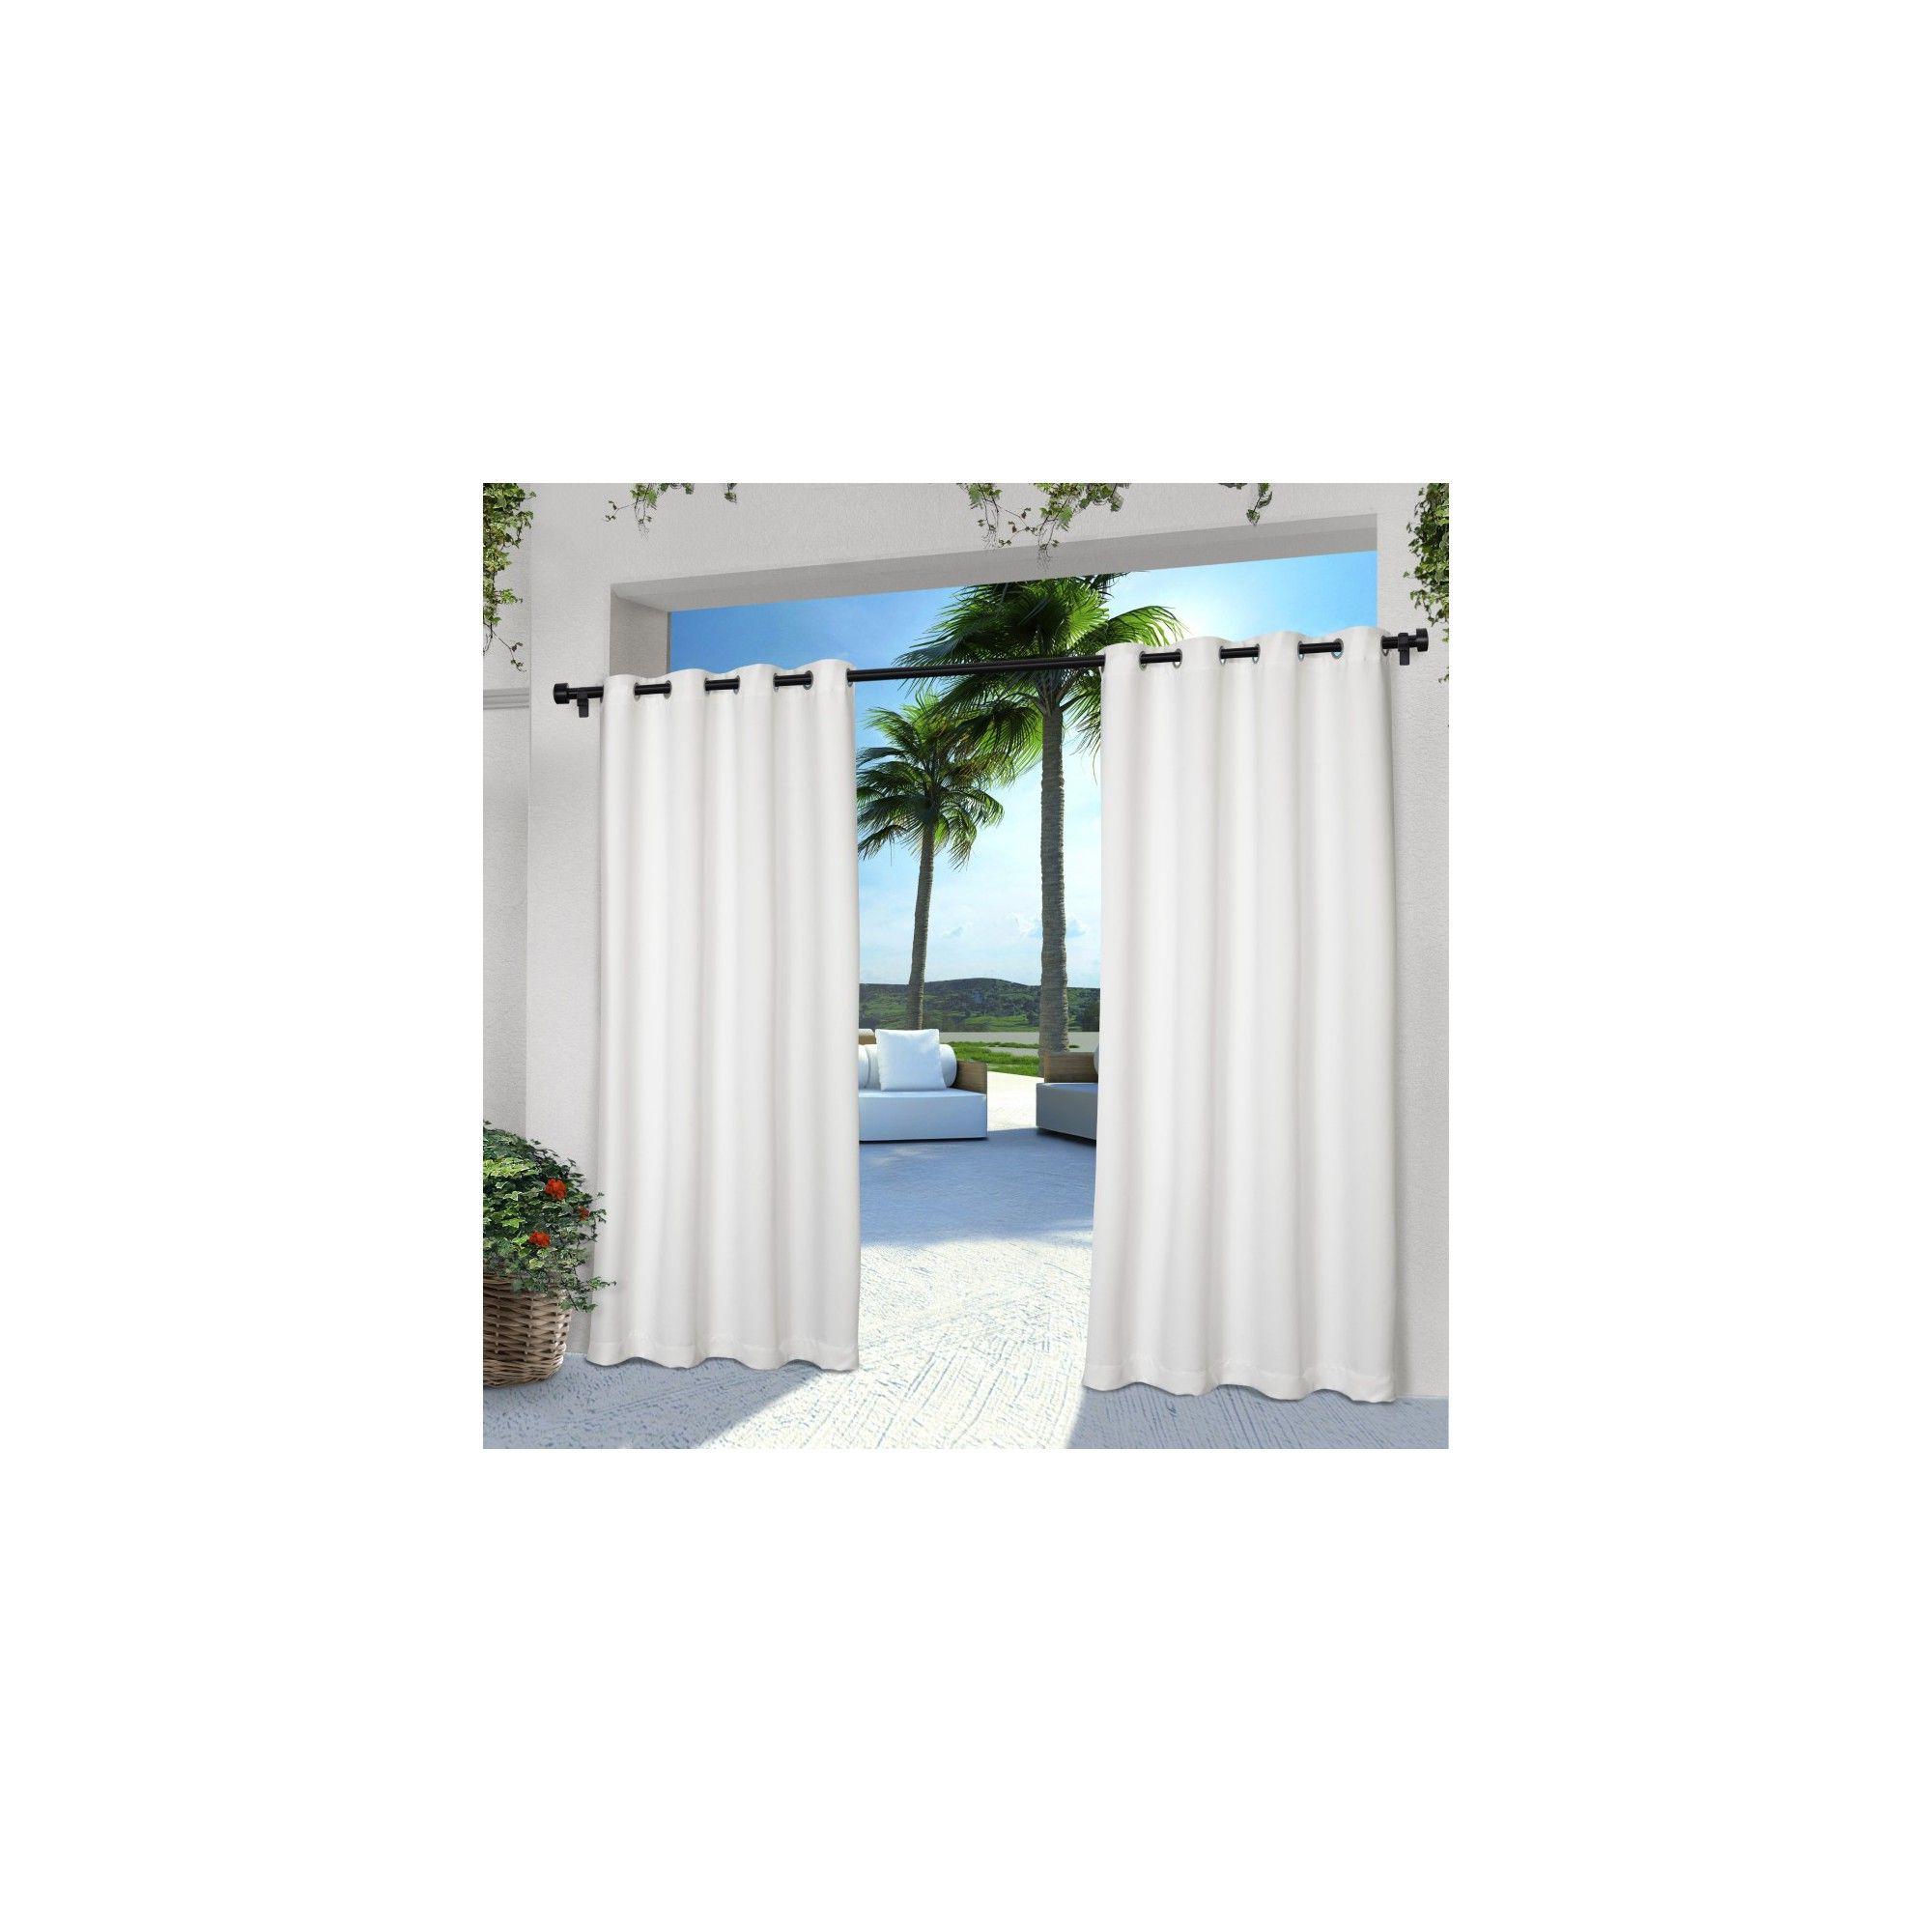 Indoor/outdoor Solid Cabana Grommet Top Window Curtain Panel Regarding 2020 Indoor/outdoor Solid Cabana Grommet Top Curtain Panel Pairs (View 15 of 20)